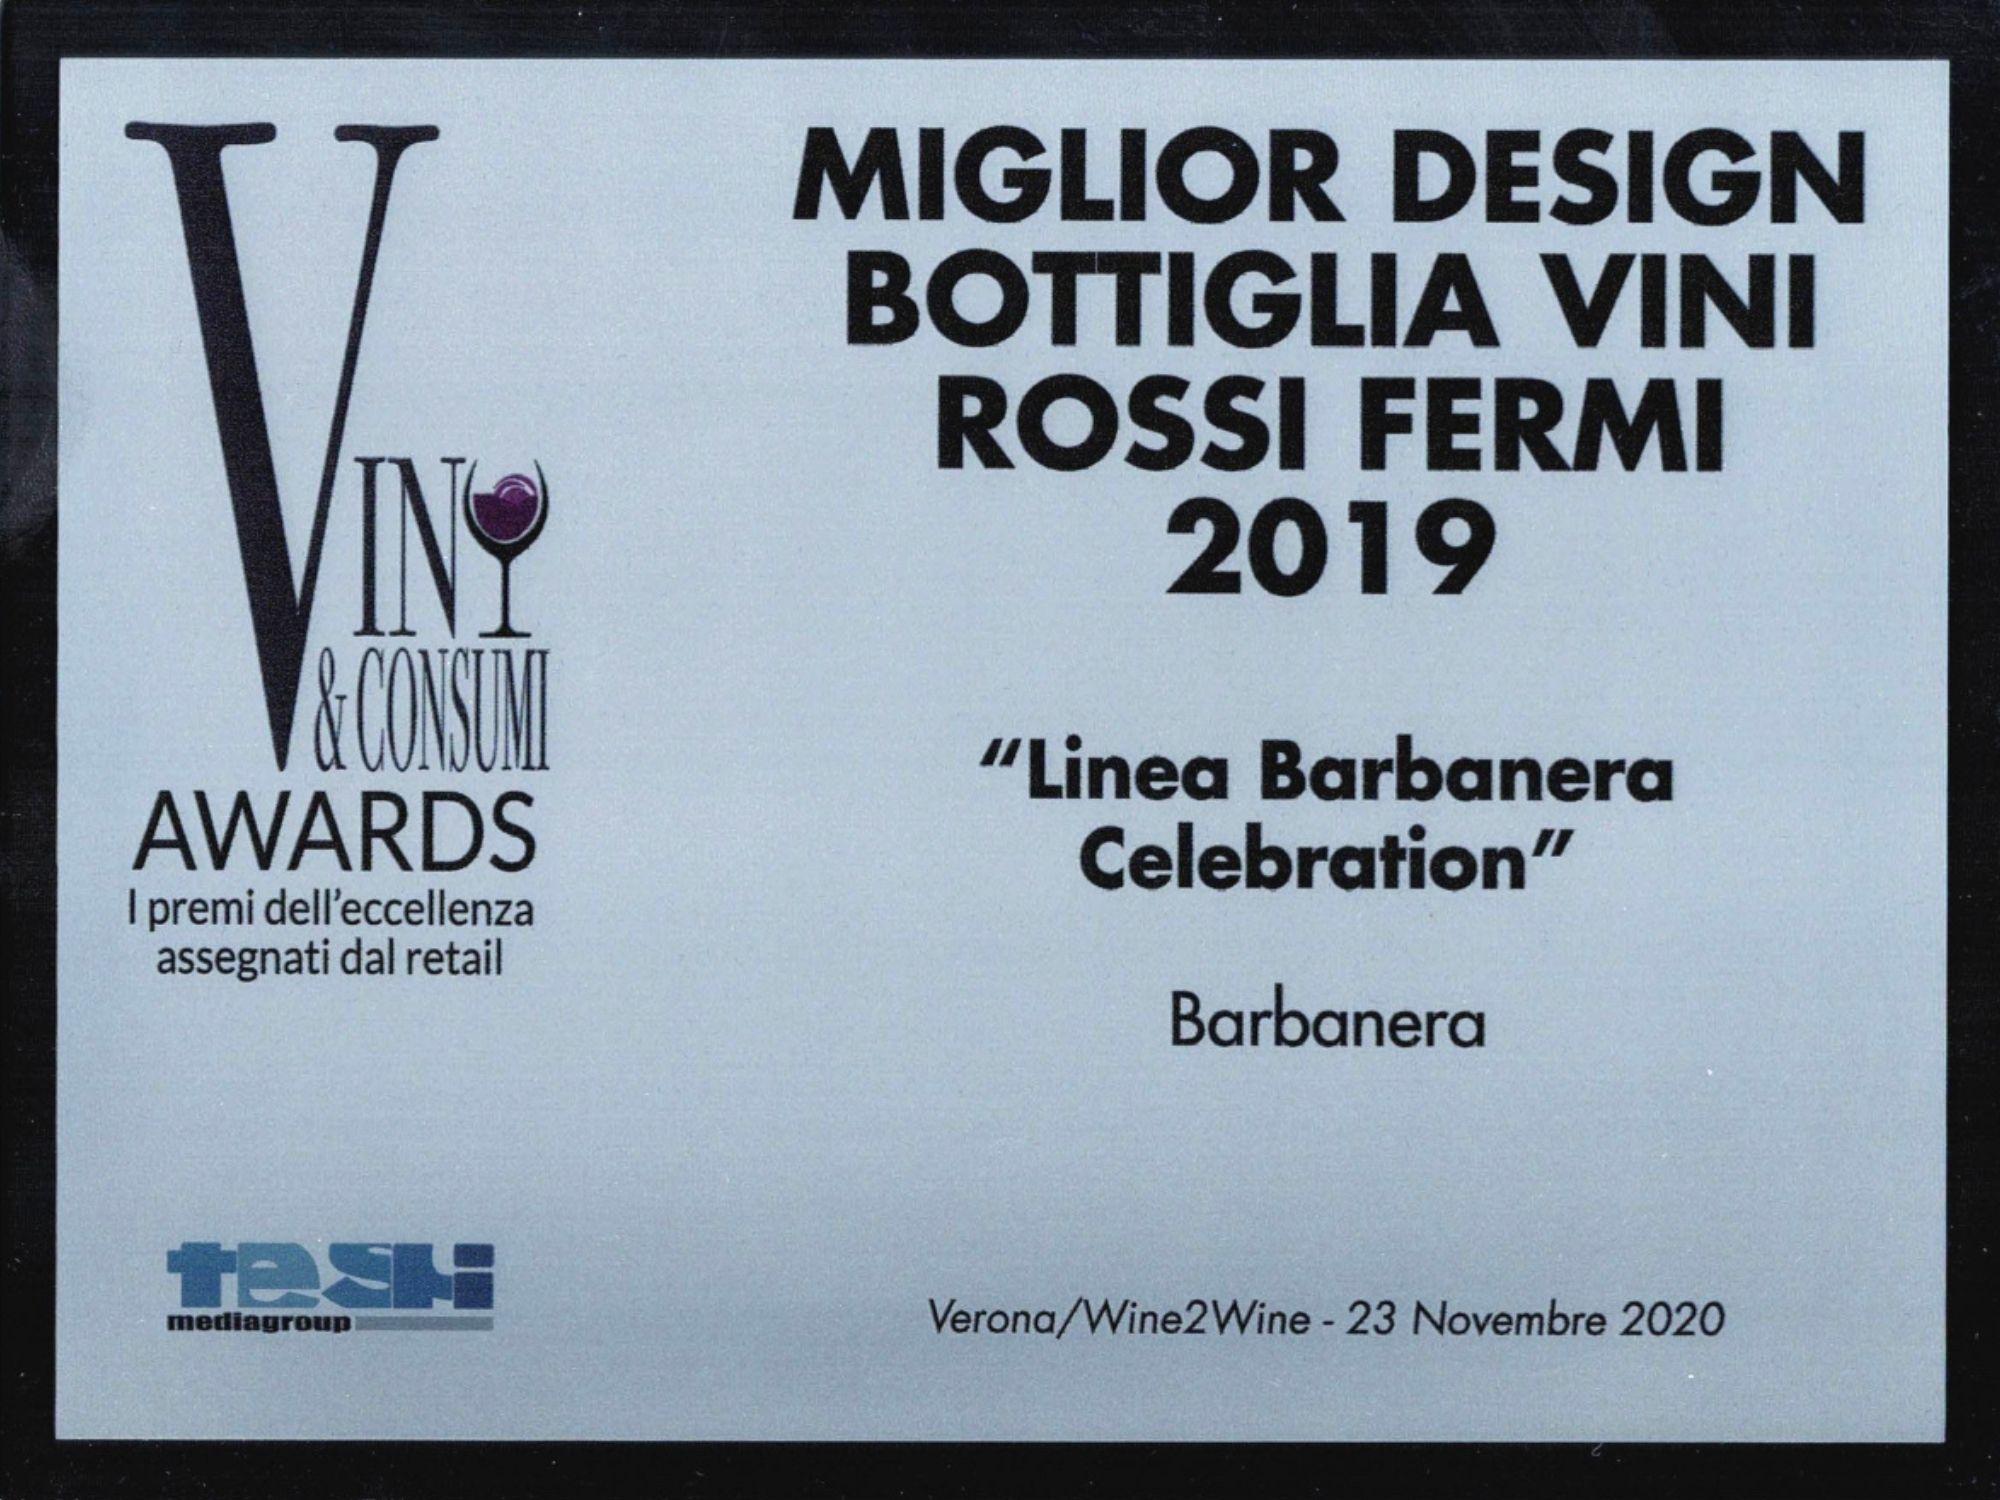 Miglior Design Bottiglia Vini Rossi Fermi 2019